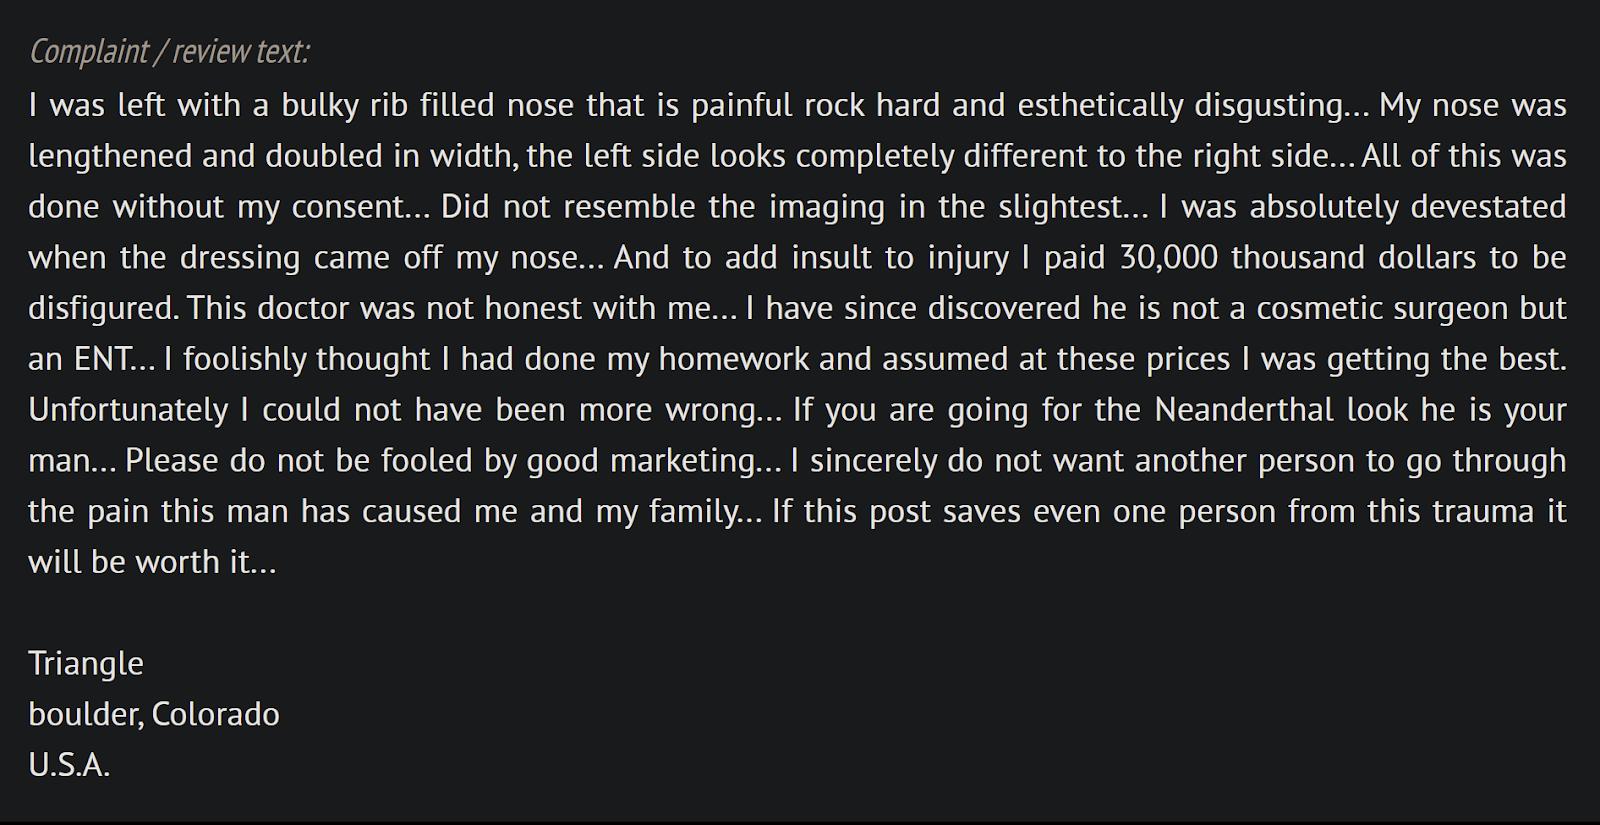 Dr. Dean Toriumi reviews